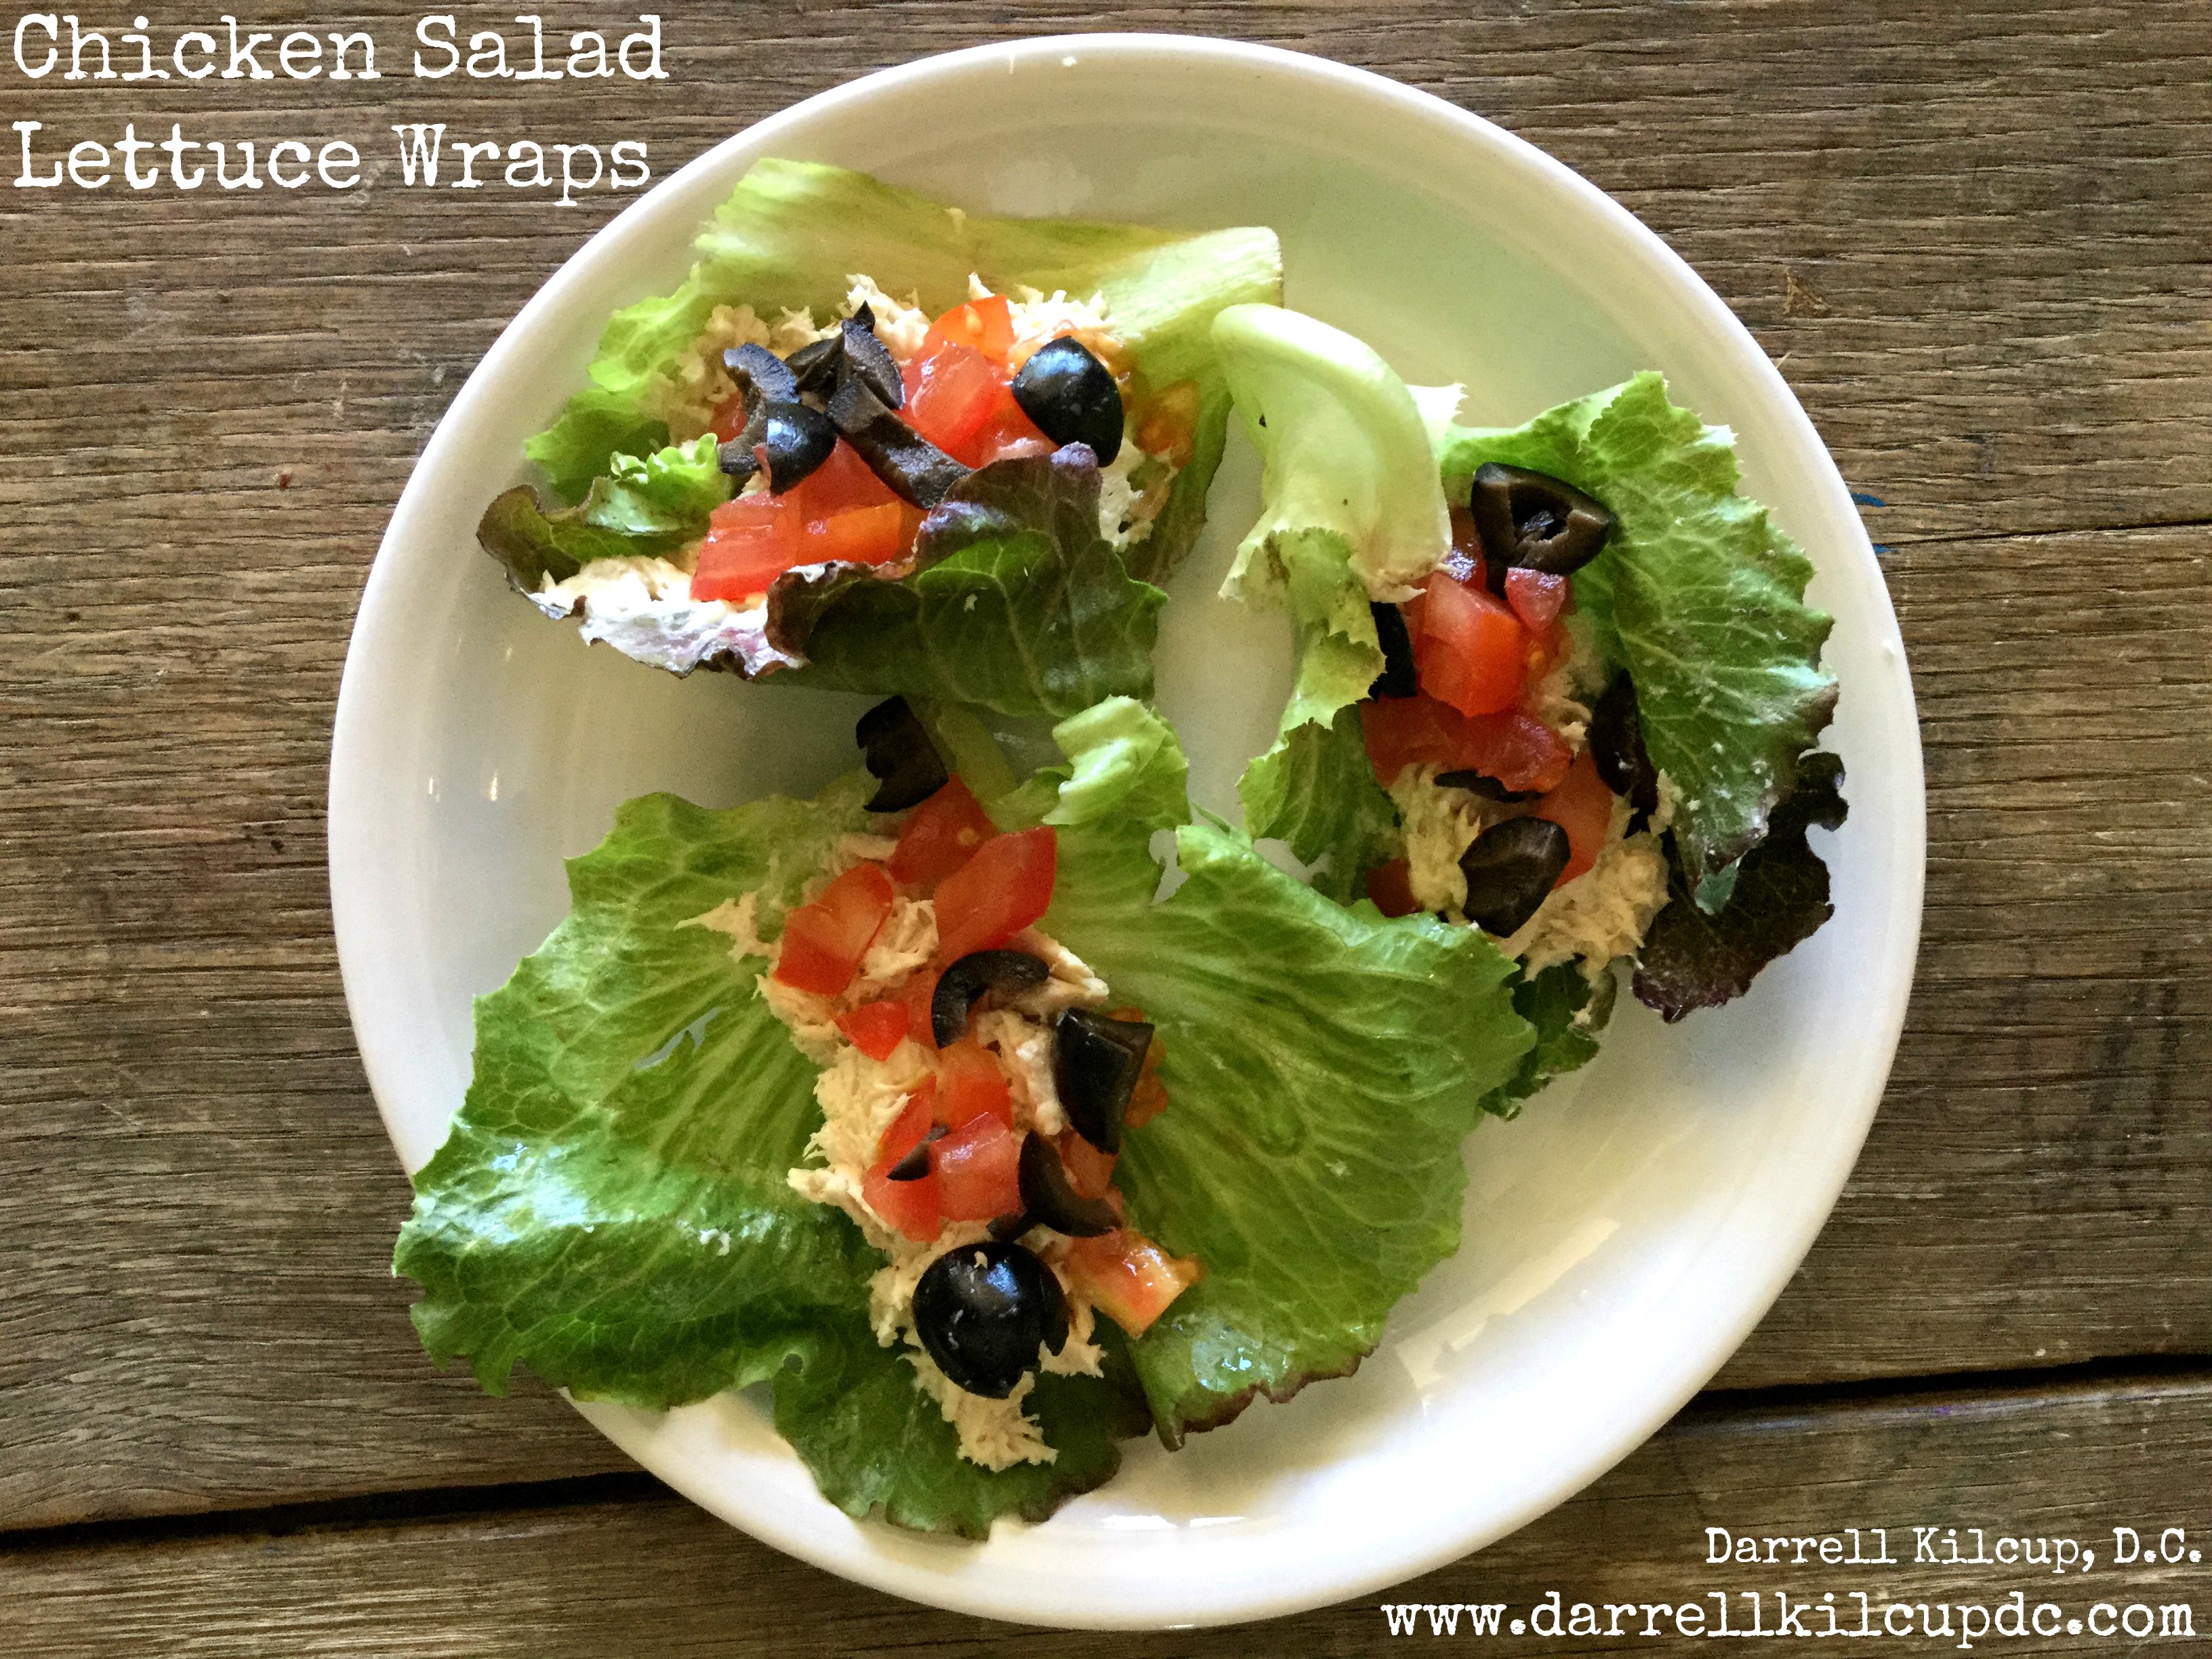 Chicken Salad Lettuce Wraps (Paleo, Gluten-Free, Dairy-Free, Sugar-Free)